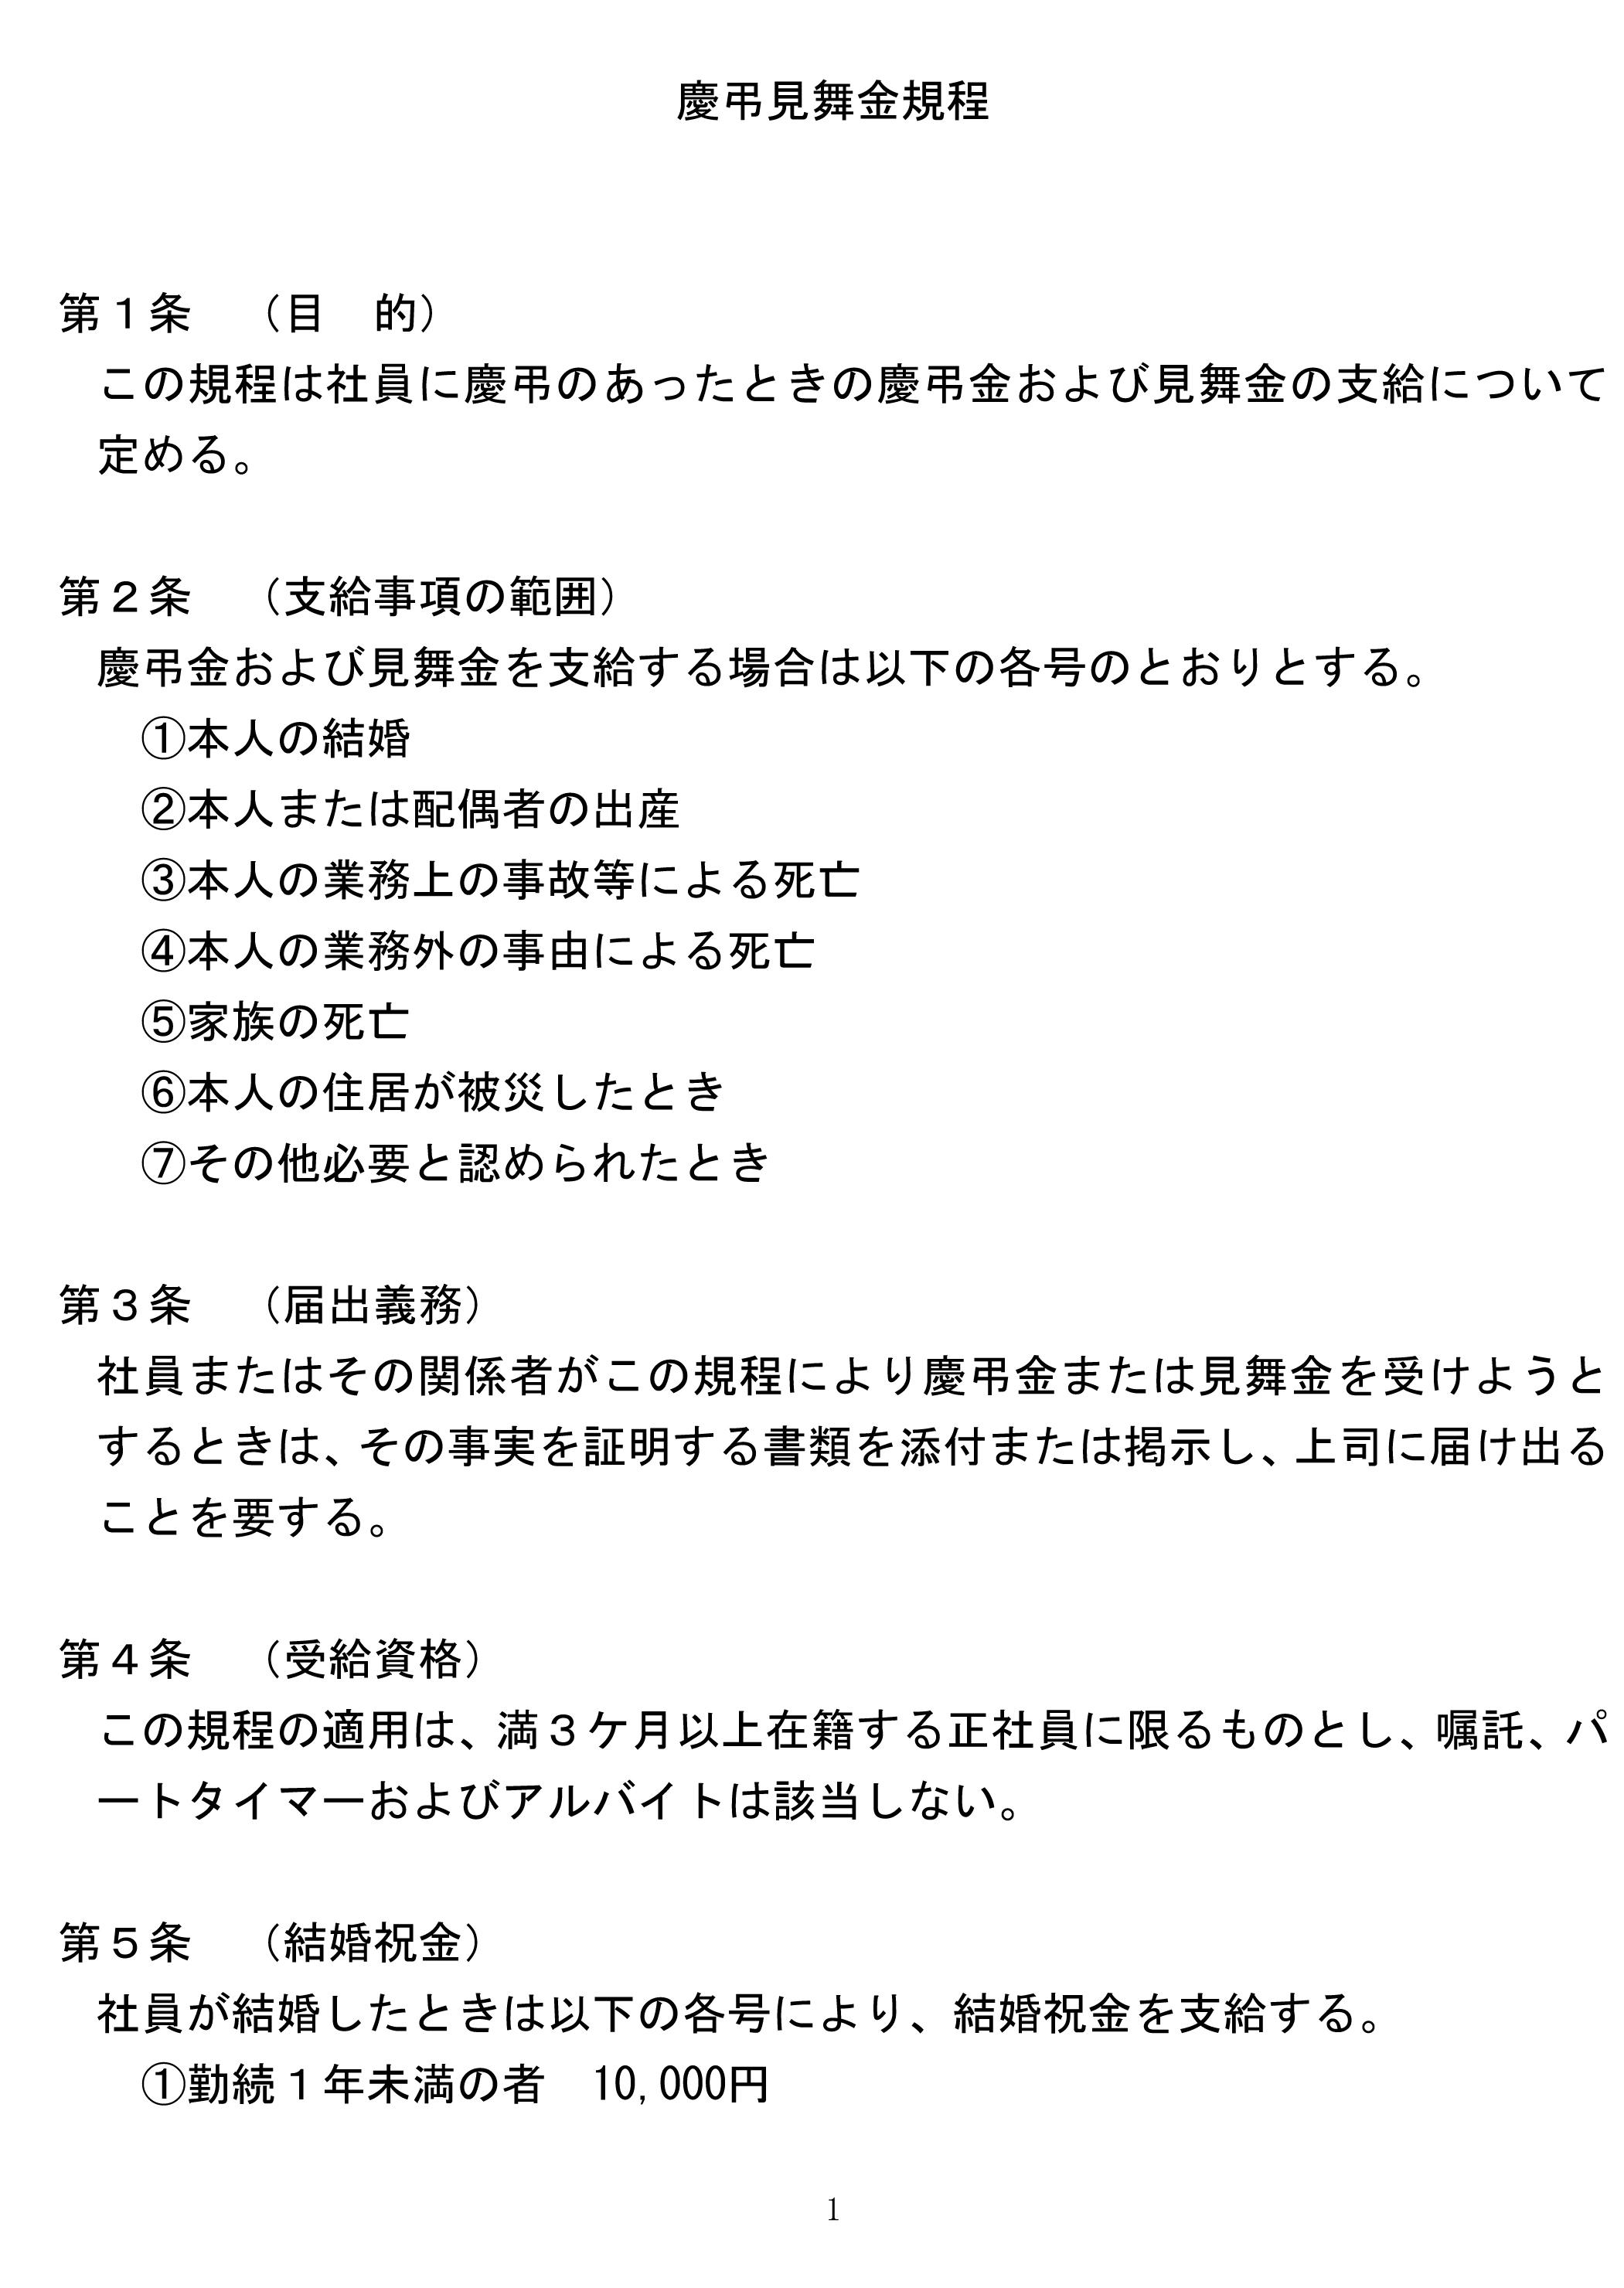 慶弔見舞金規程04